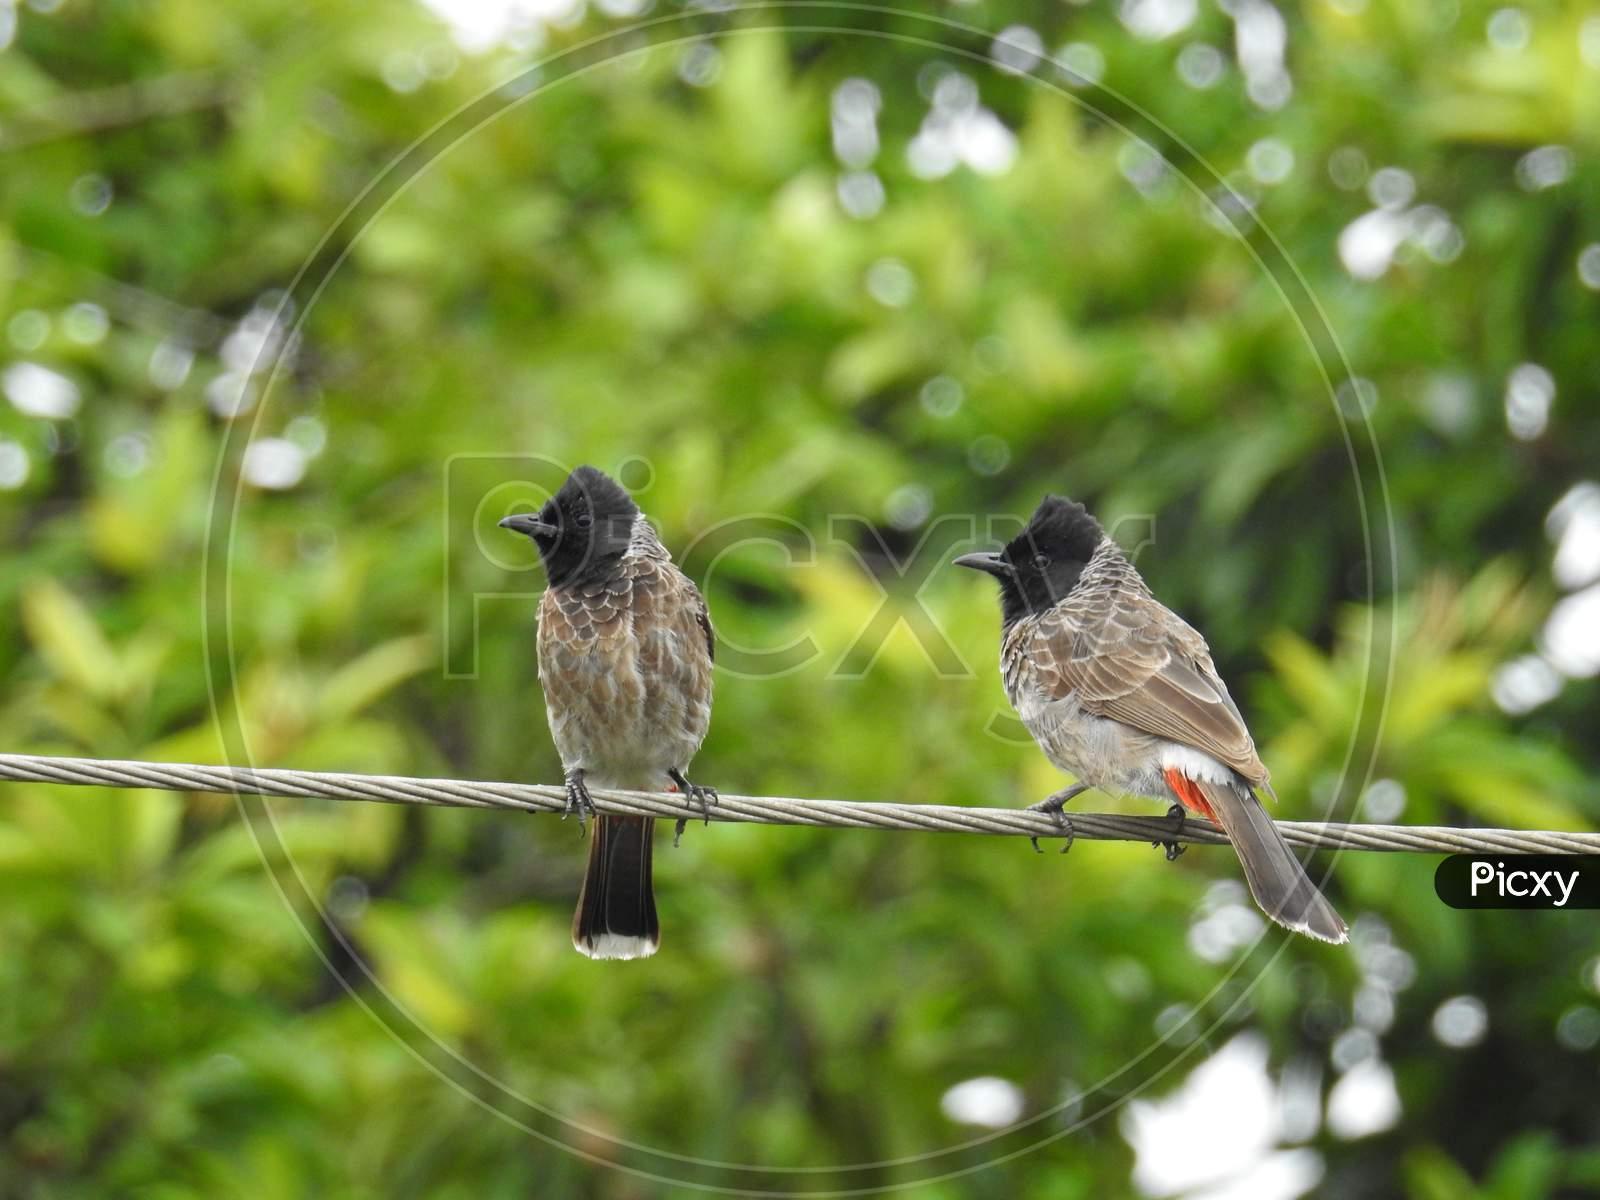 Bulbul pair